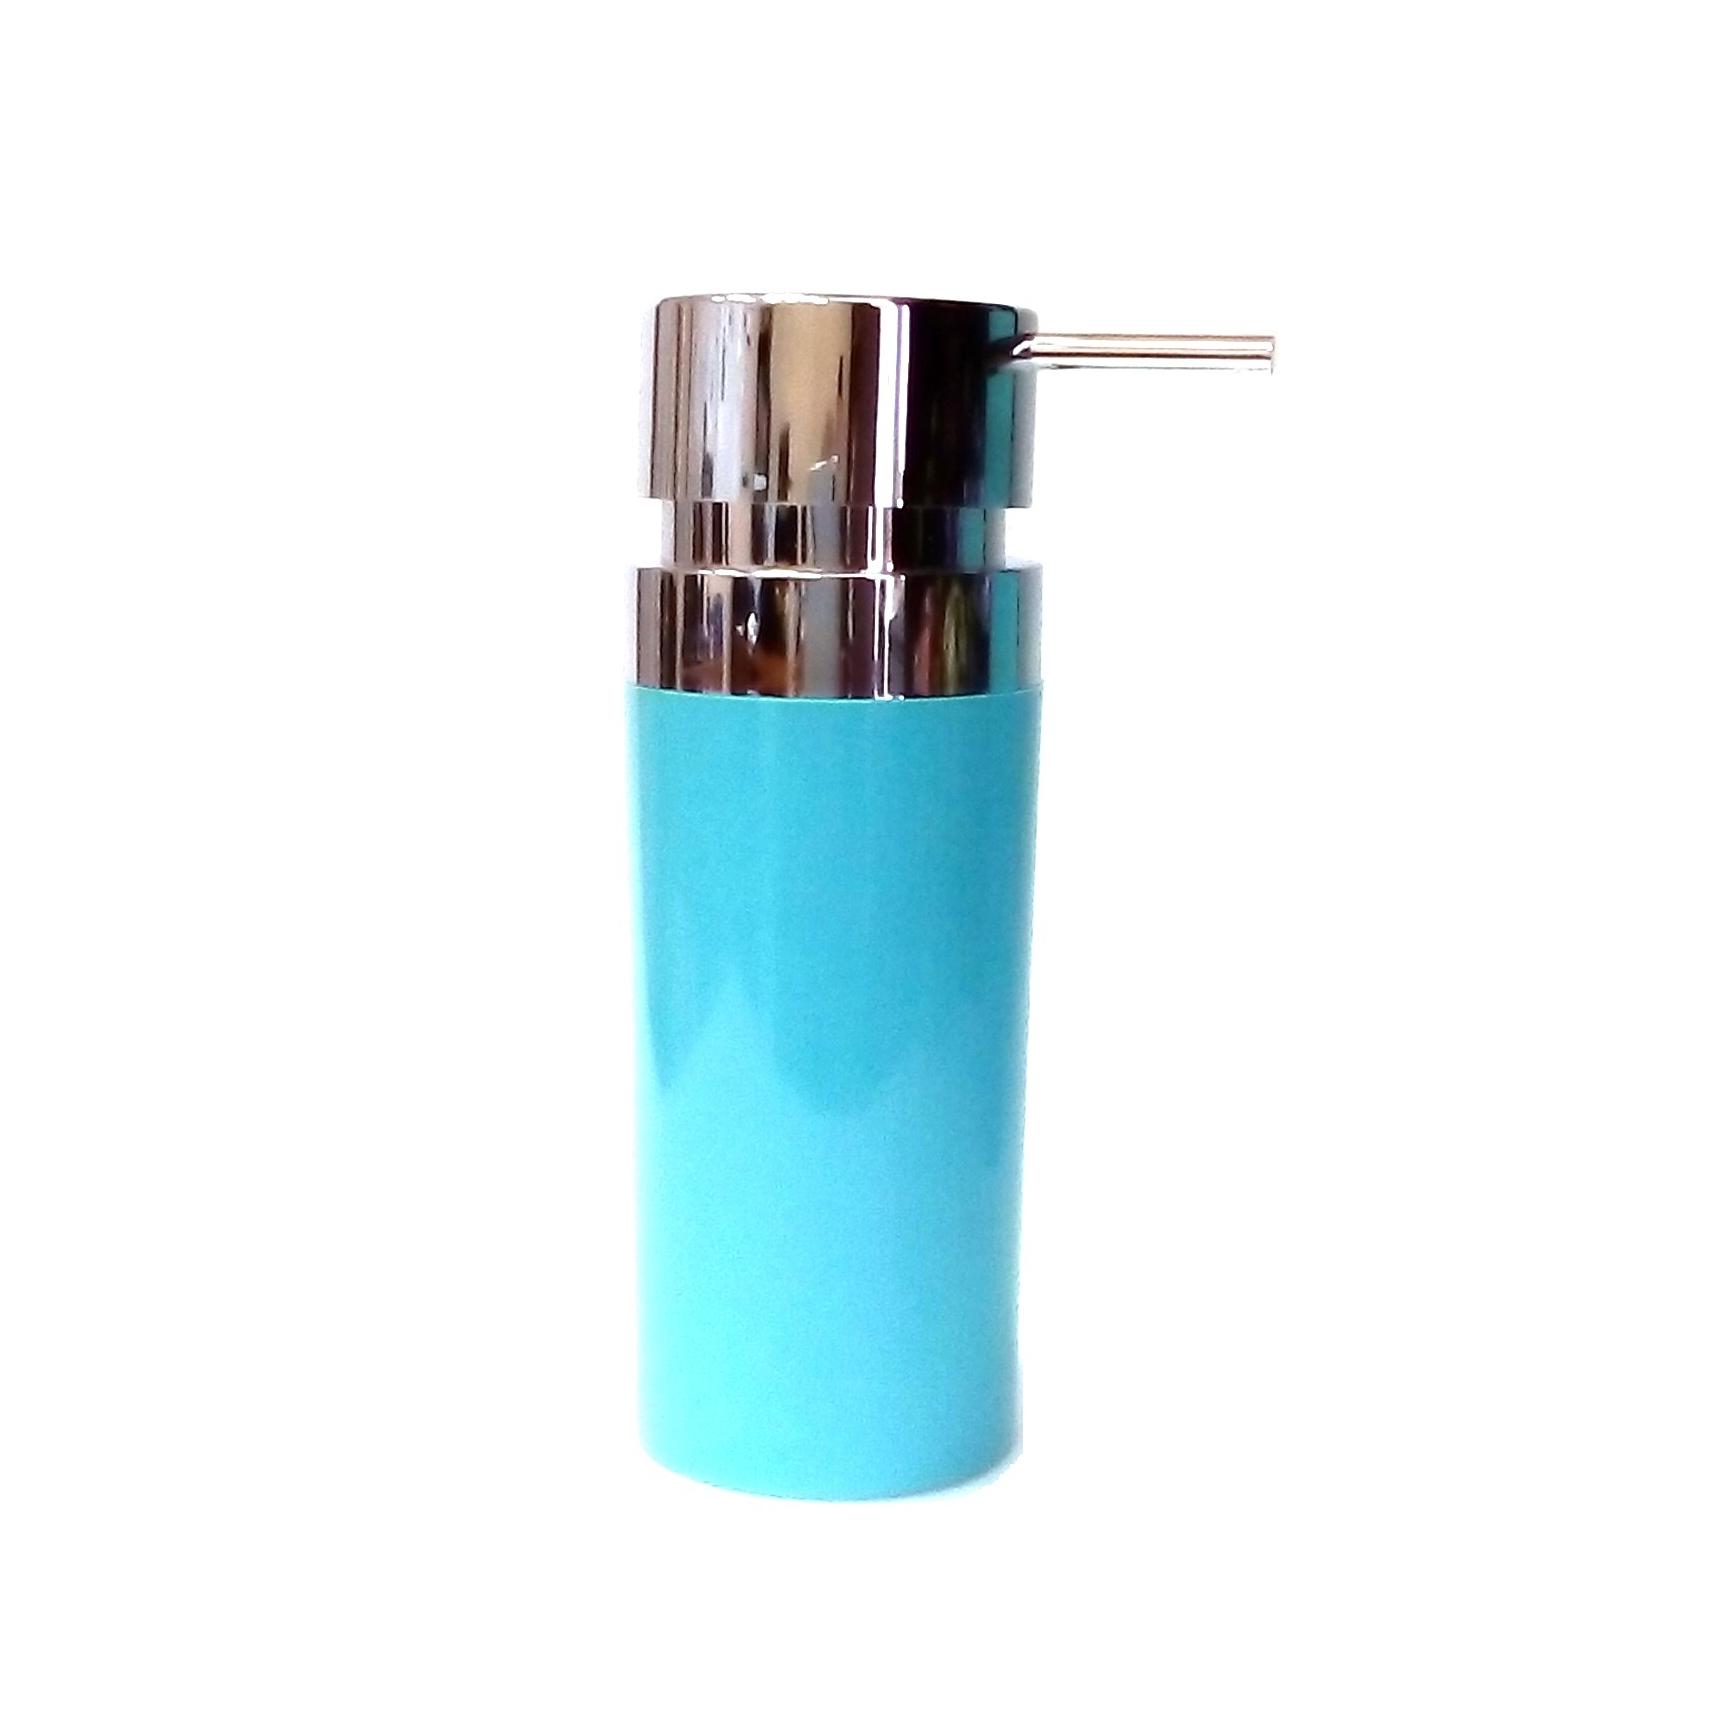 Фото - Дозатор Primanova Lenox для жидкого мыла голубой 0,3 мл дозатор primanova lenox для жидкого мыла черный 0 3 мл